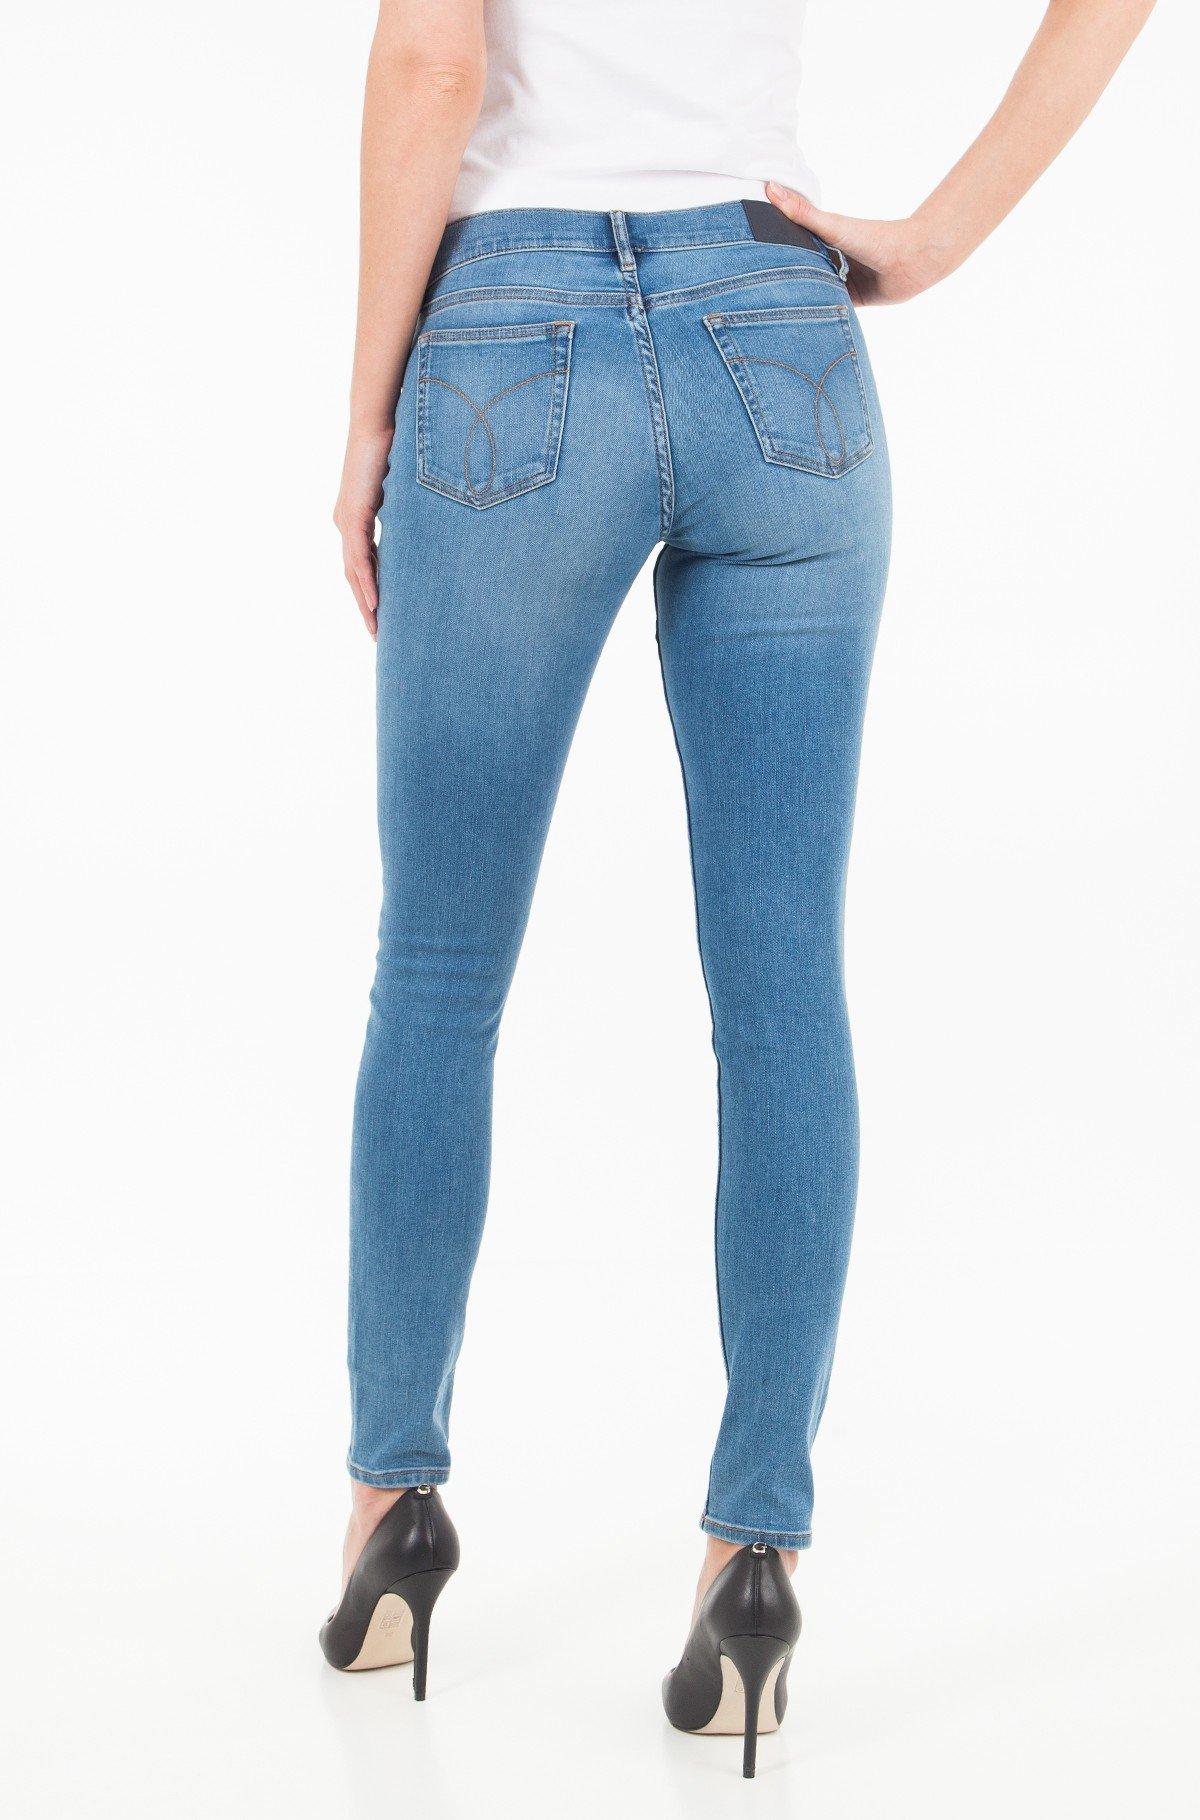 Jeans MR Skinny - Mobby Blue-full-2